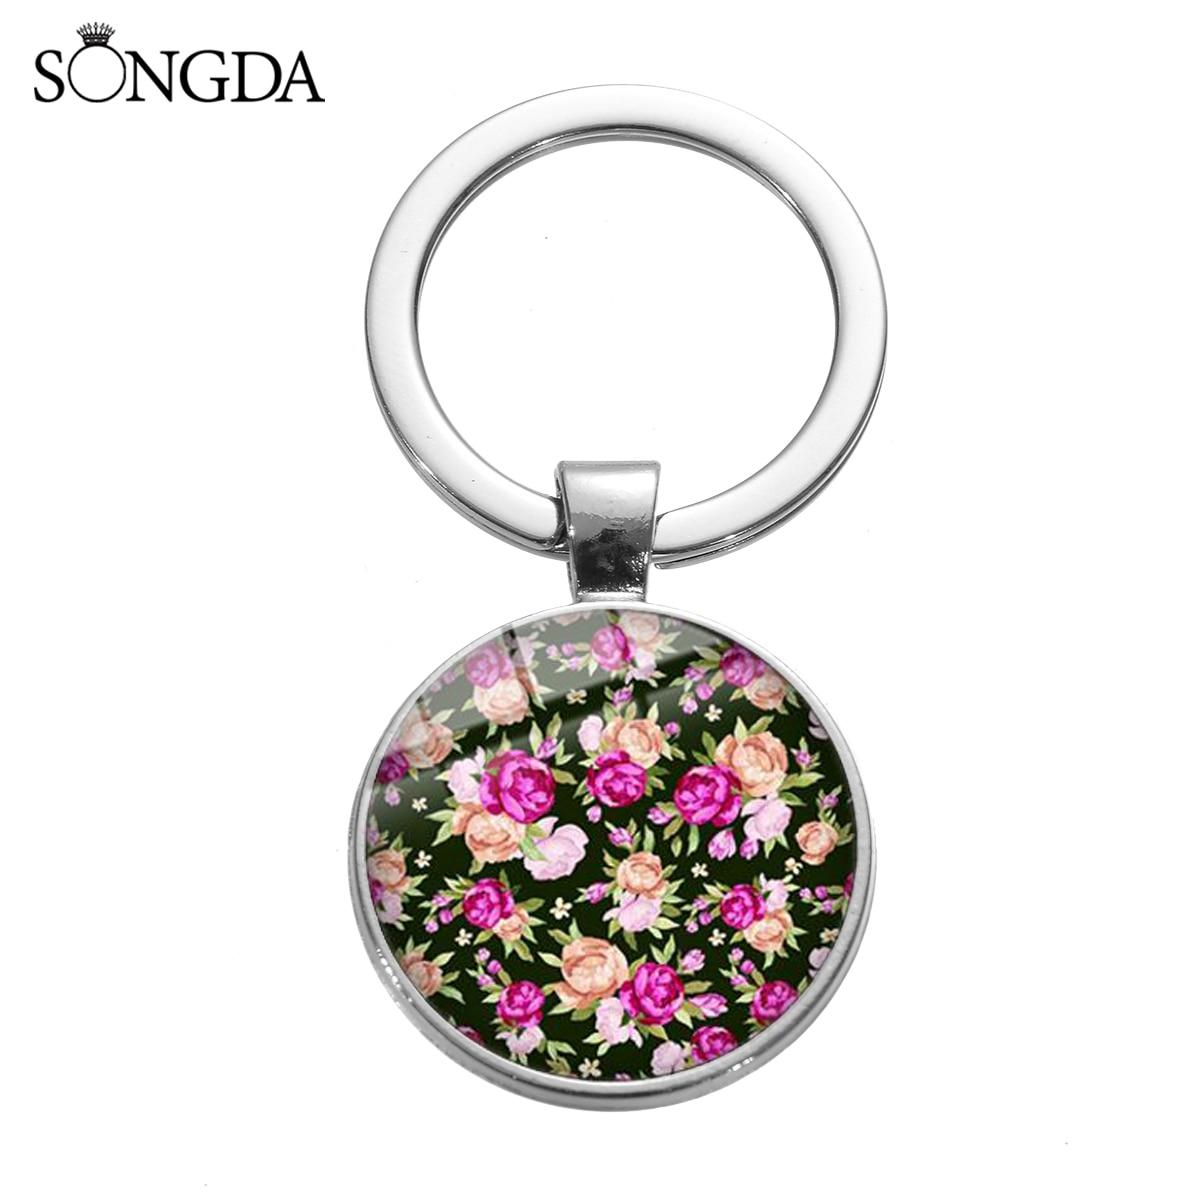 Luxo do vintage rosa flor pingente chaveiro pequeno floral impresso cristal vidro artesanal chaveiro titular jóias atacado